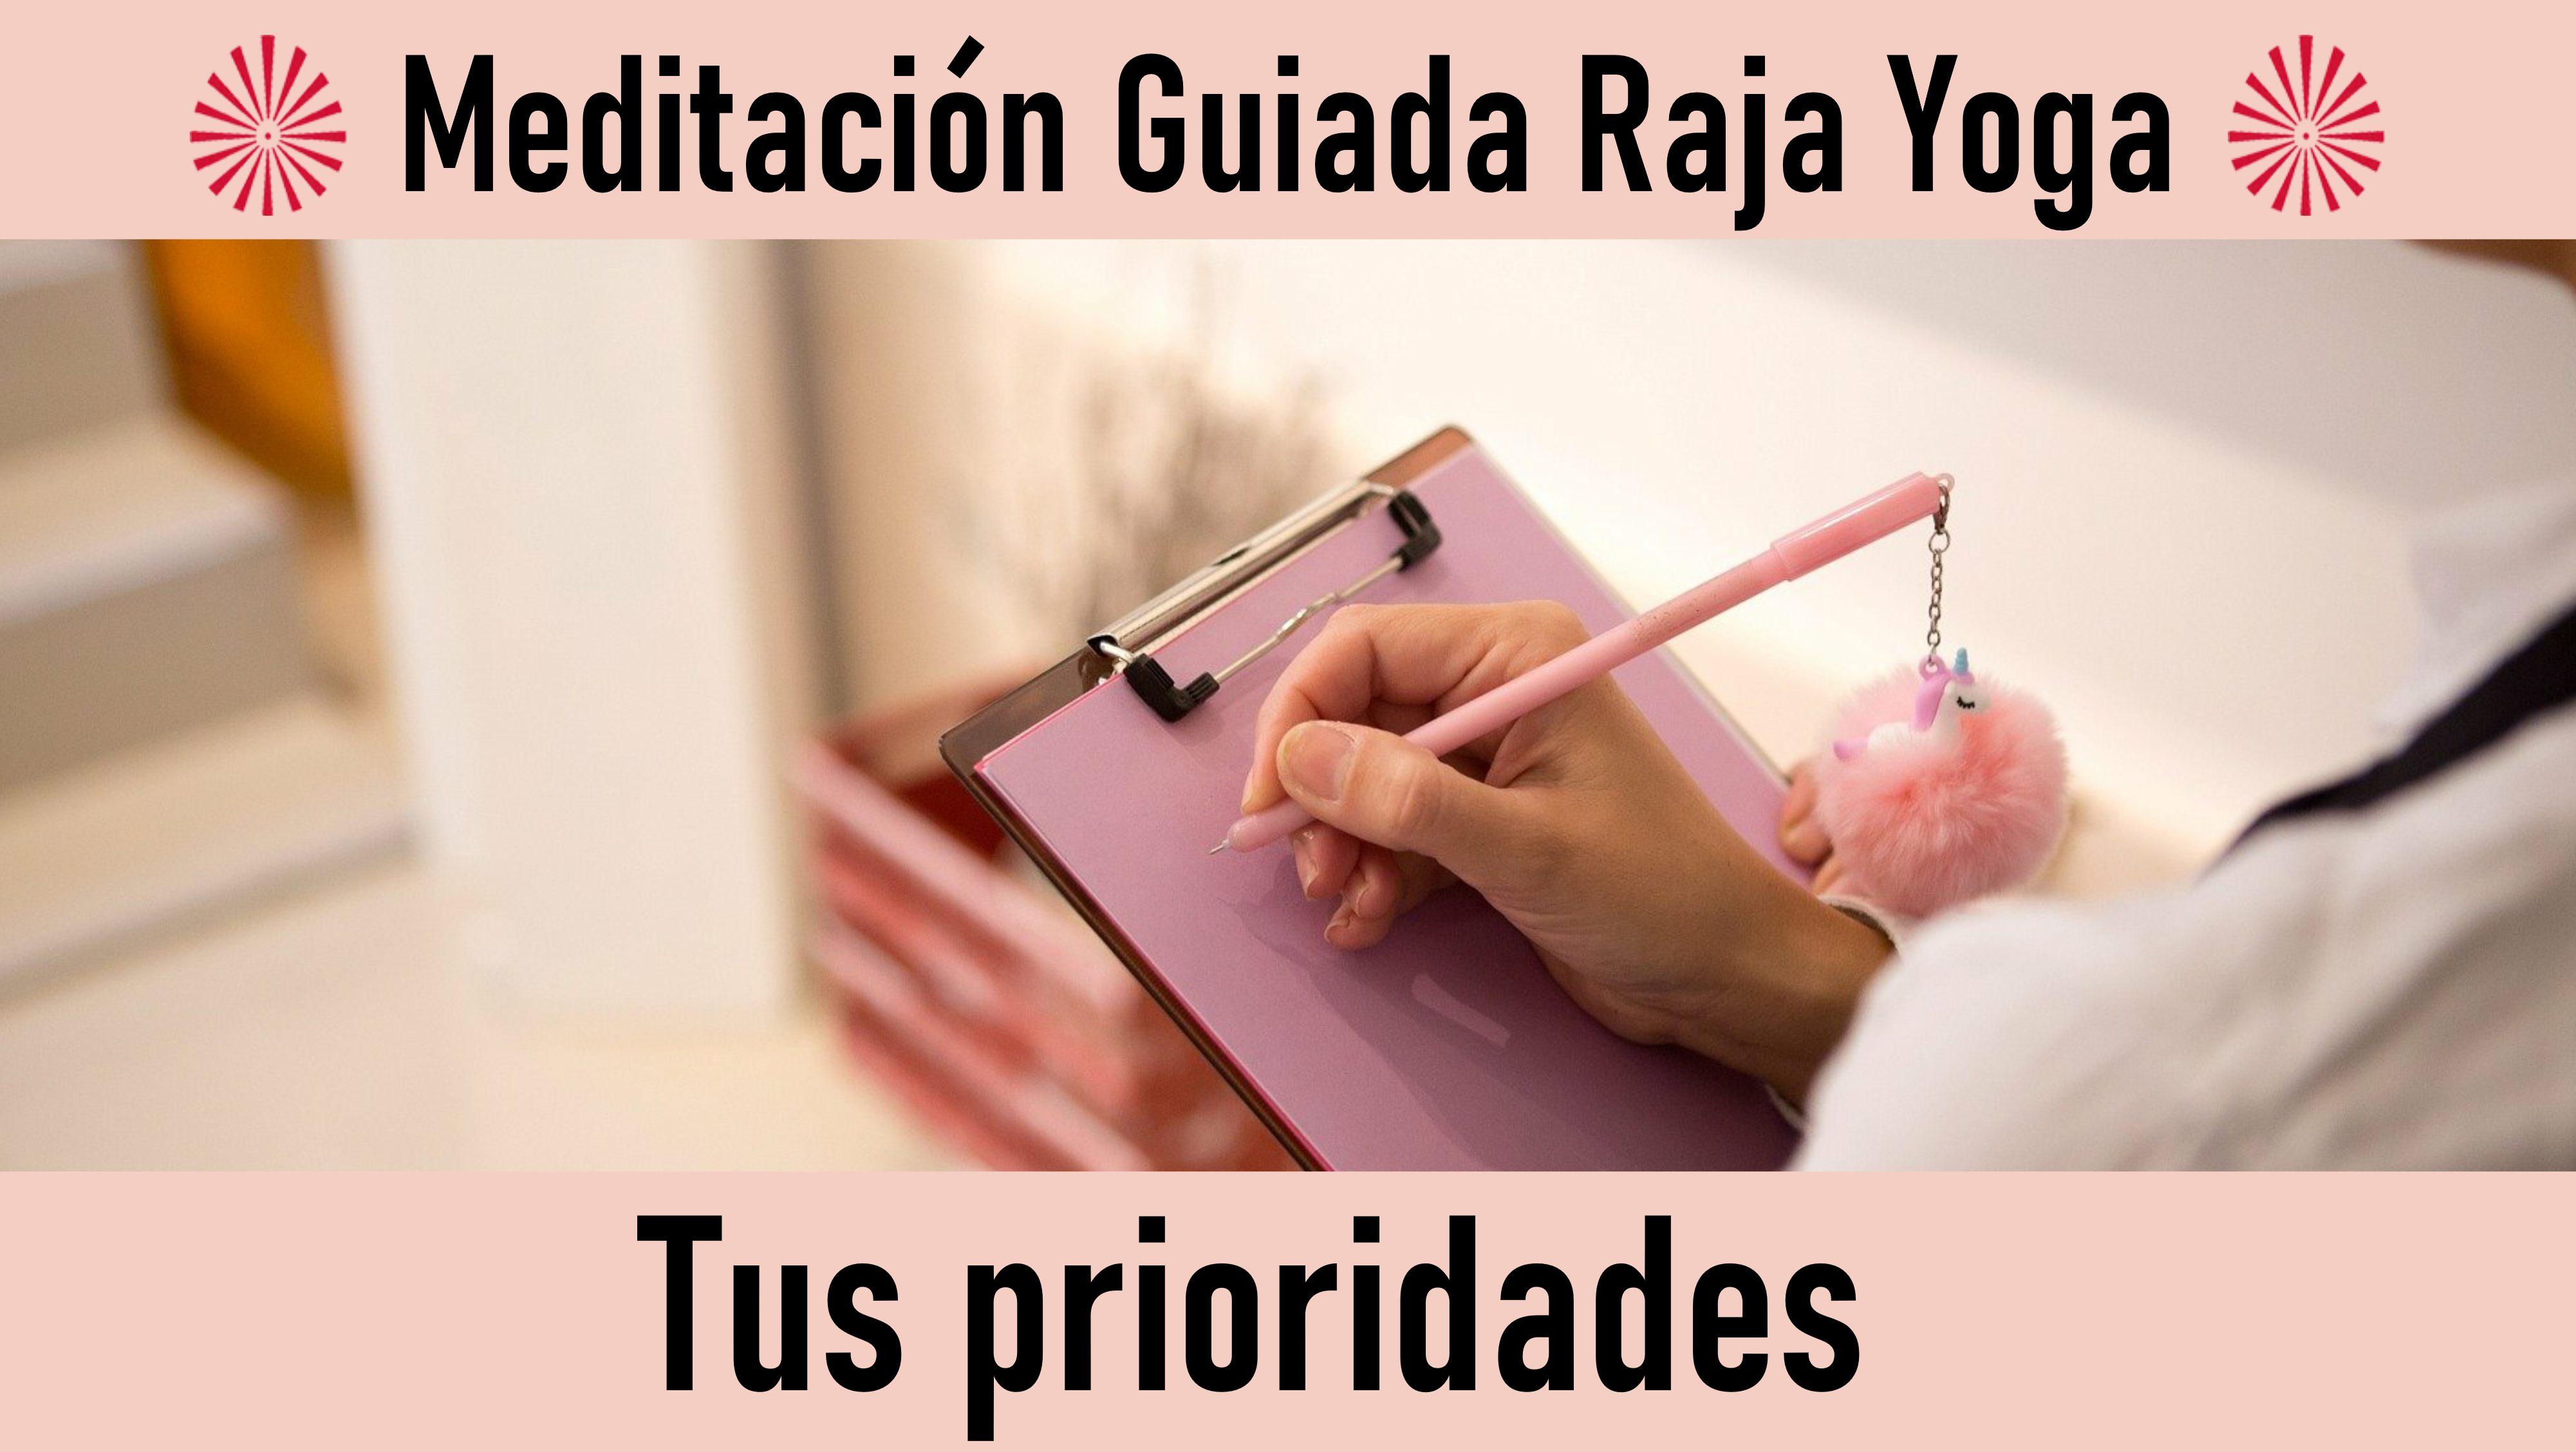 16 Octubre 2020 Meditación guiada:  Tus prioridades